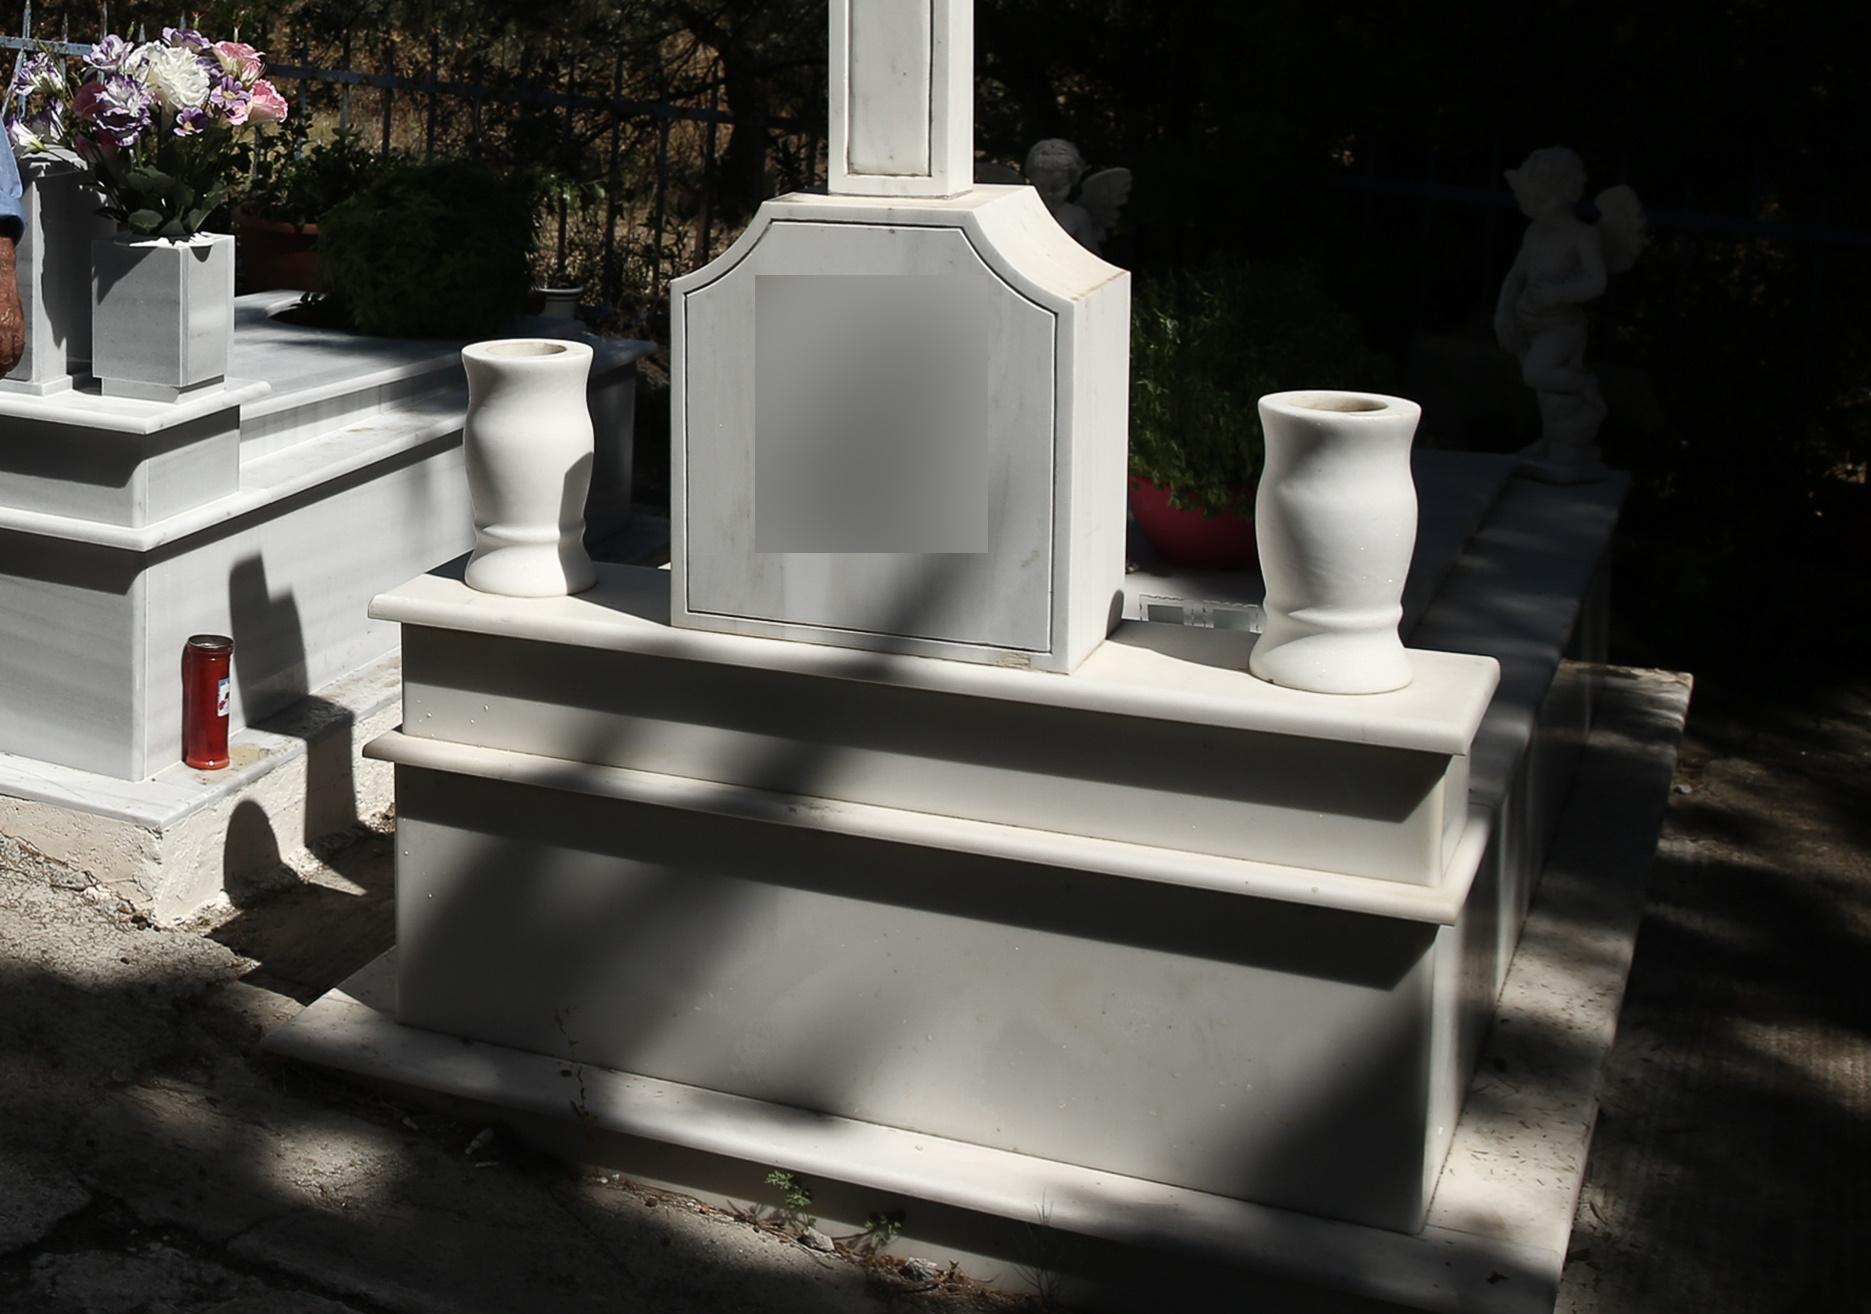 Μεγάλη εβδομάδα ξήλωσαν 45 καντήλια και θυμιατά από τάφους στη Θεσσαλονίκη